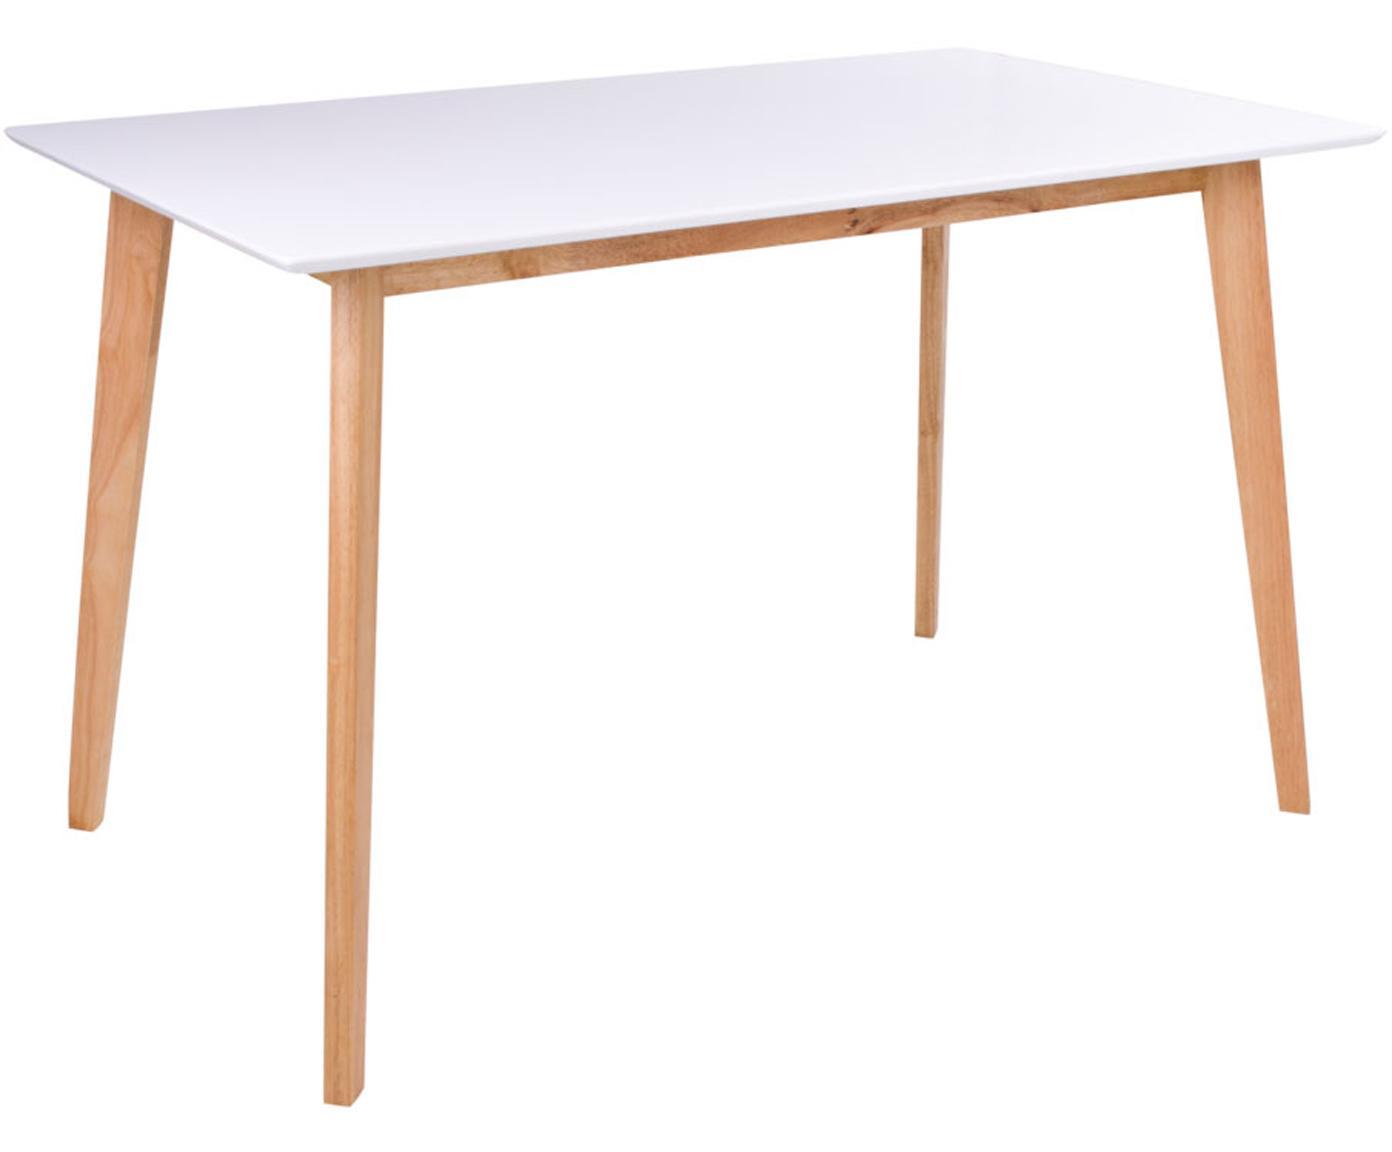 Eettafel Vojens, MDF, rubberhout, Wit, bruin, B 120 x D 70 cm